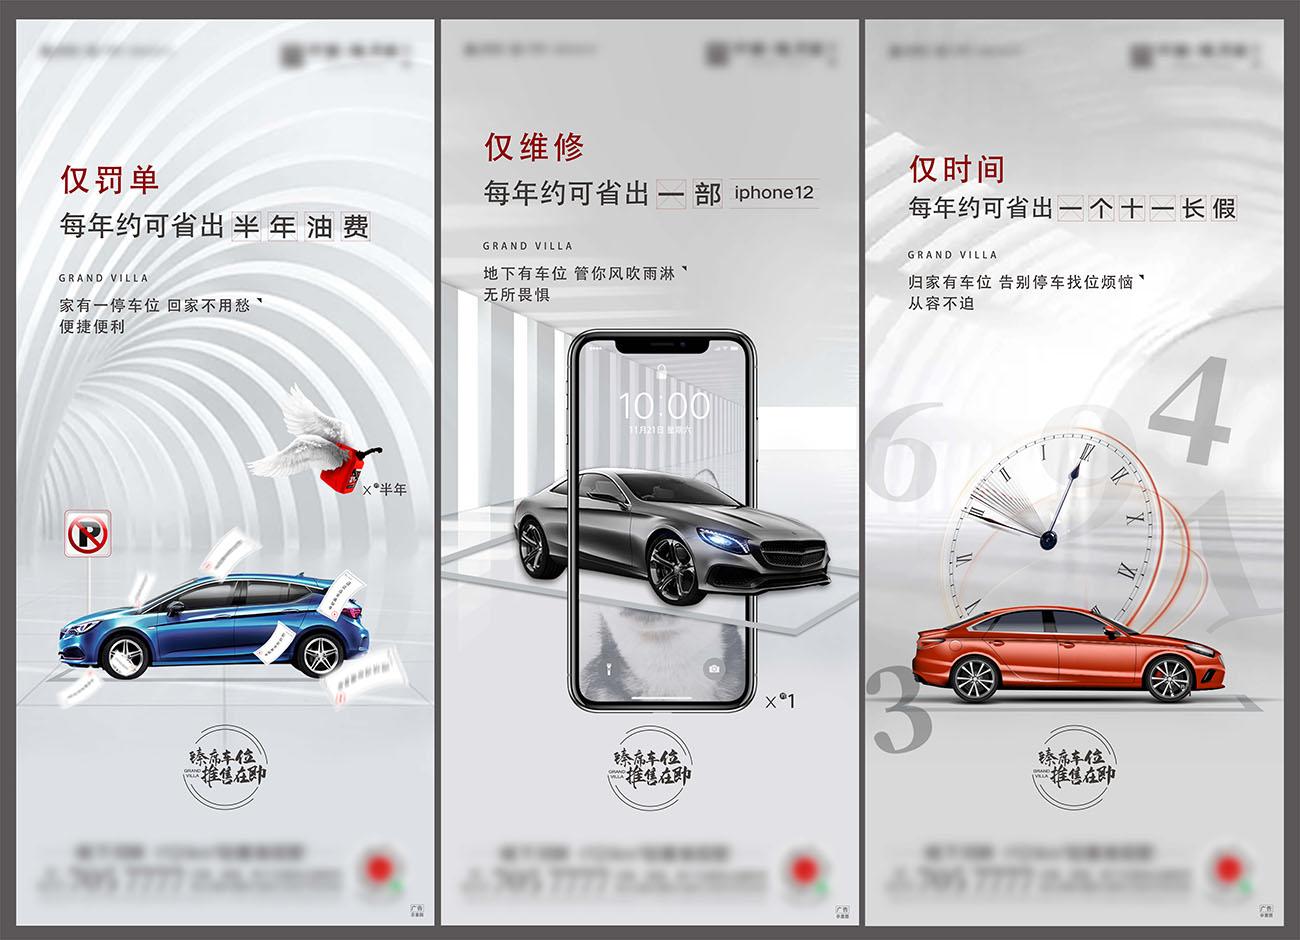 地产车位系列移动端海报AI源文件插图